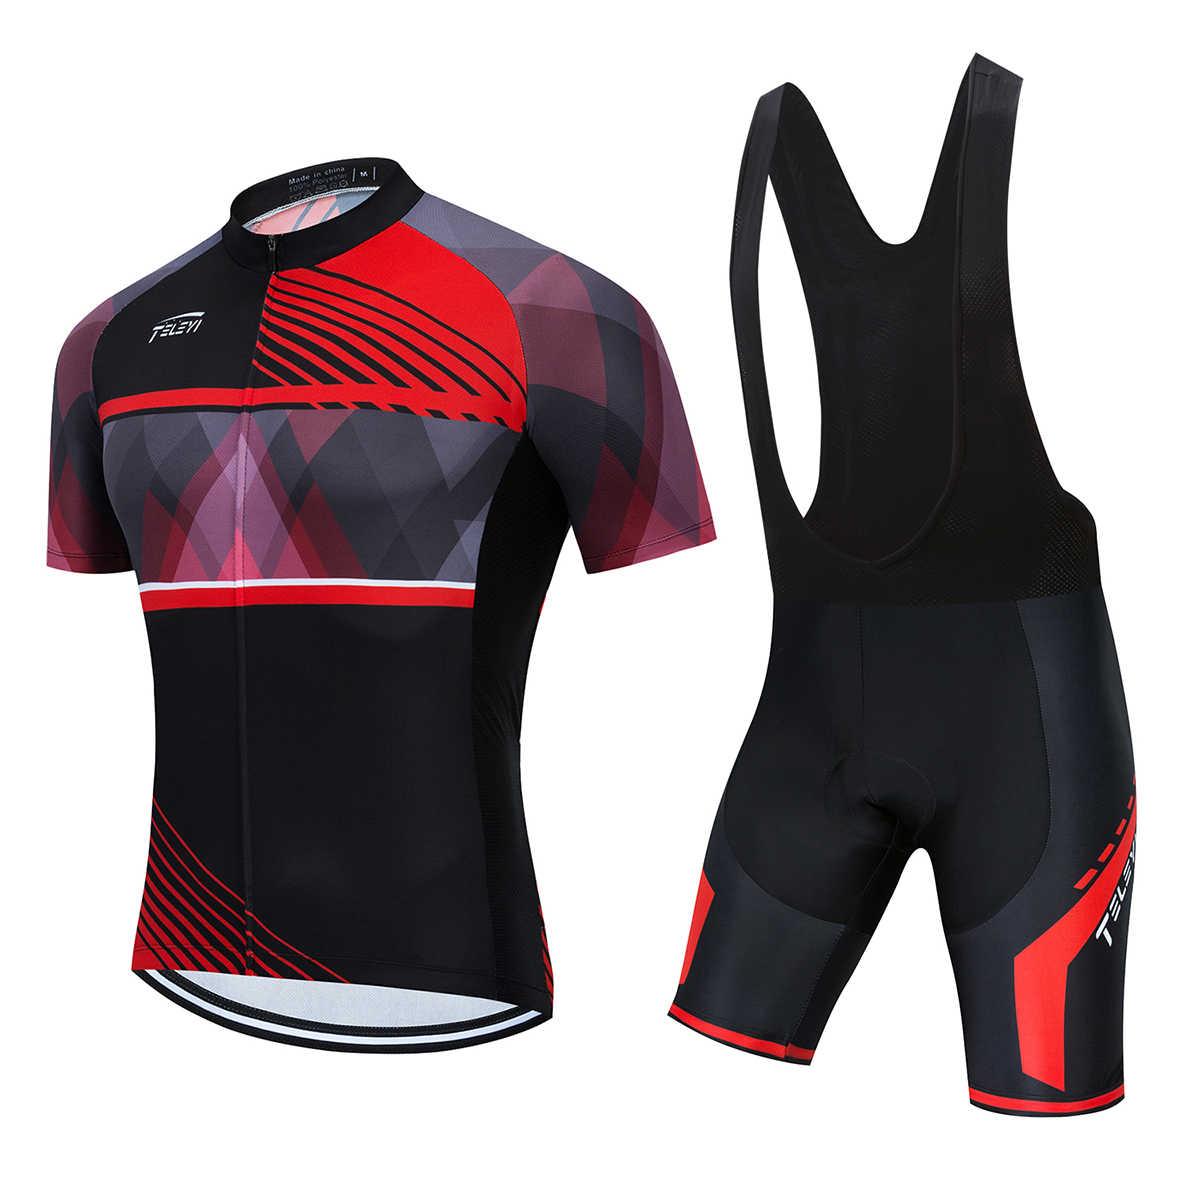 2020 lato szybkoschnący zespół TELEYI kolarstwo Jersey zestaw z krótkim rękawem Maillot Ropa Ciclismo mężczyźni odzież rowerowa MTB Maillot Ciclismo